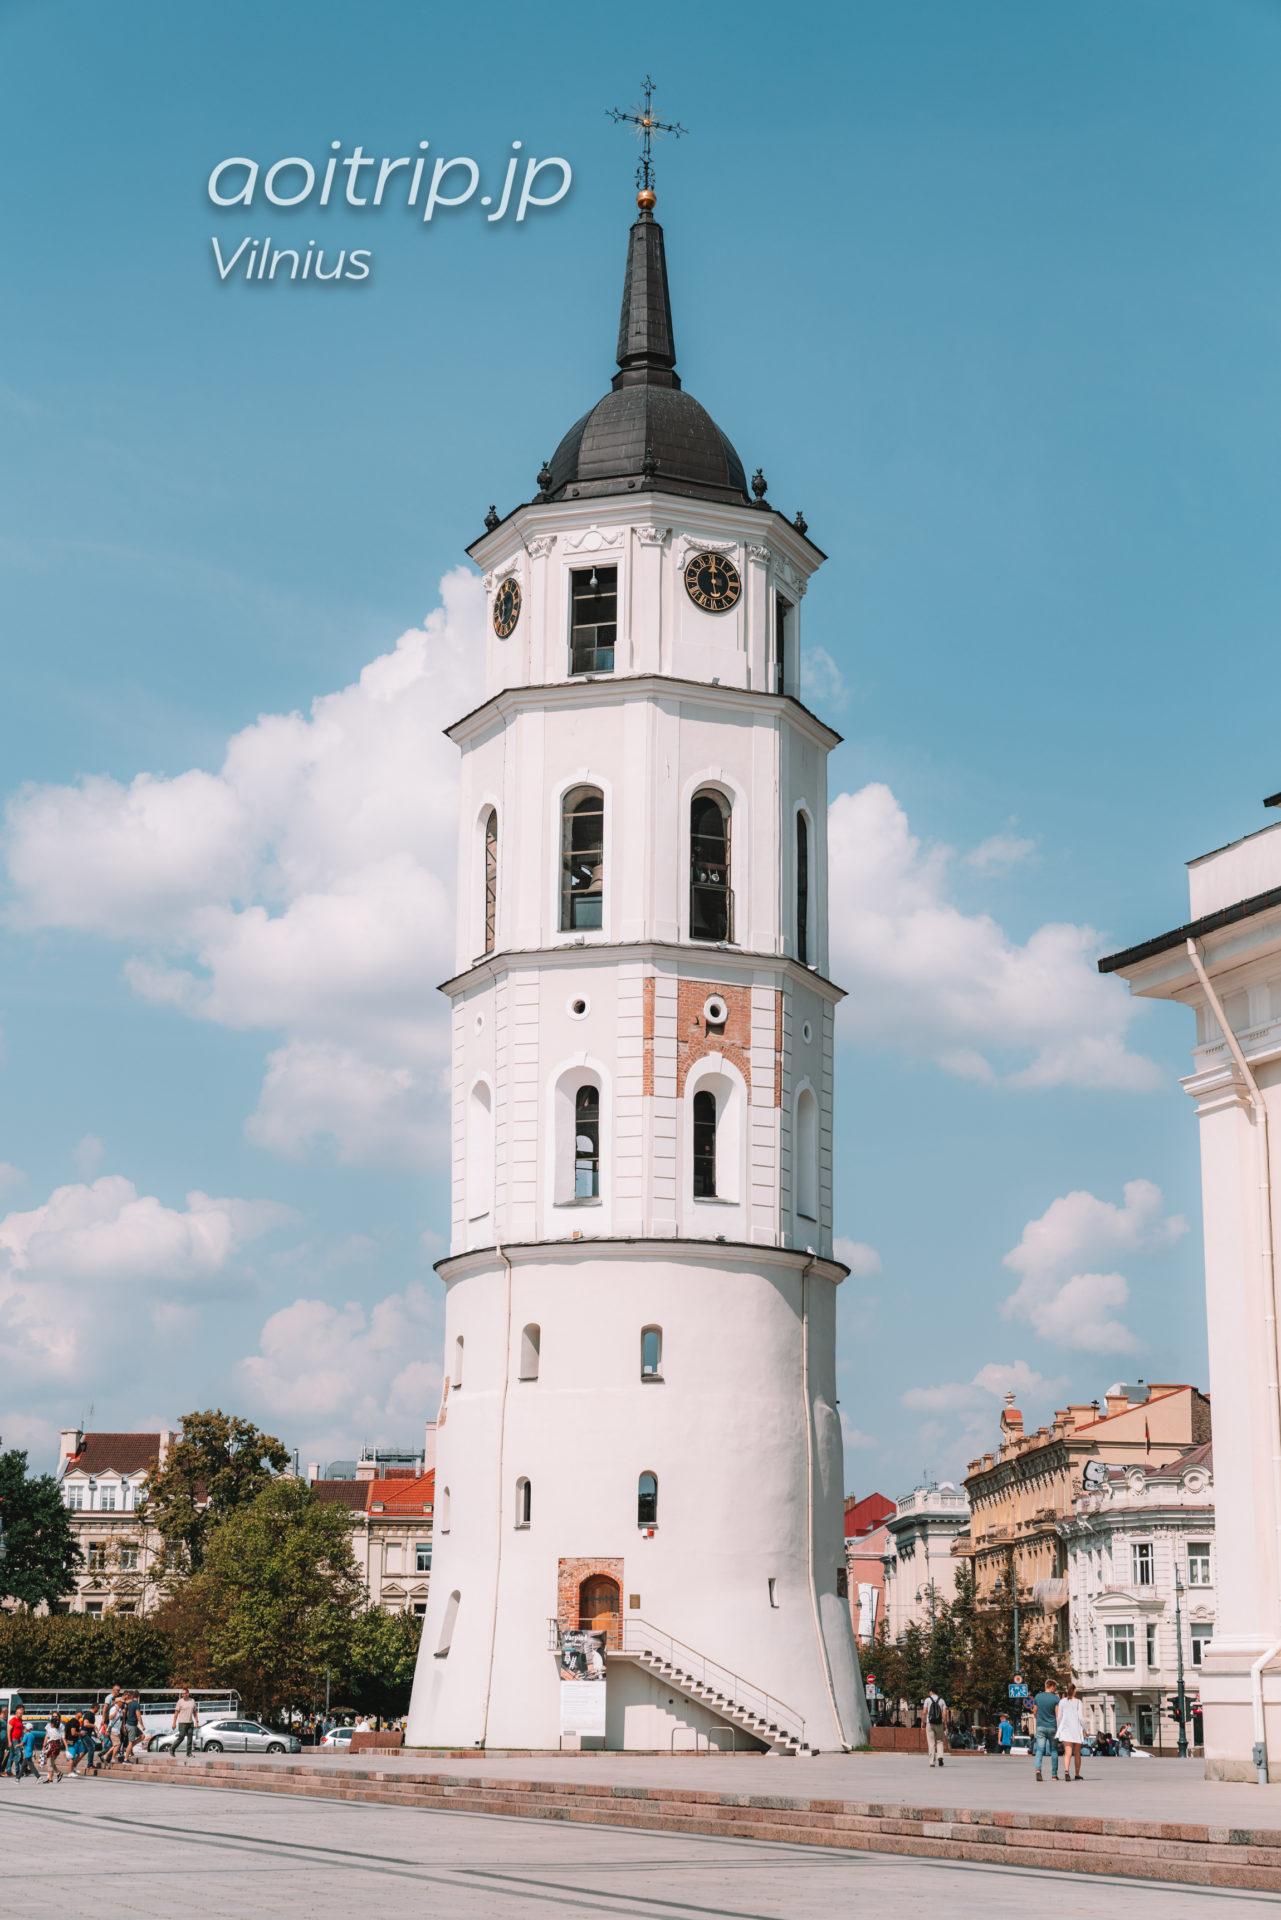 リトアニア ヴィリニュスの大聖堂 アルキカテドゥラ